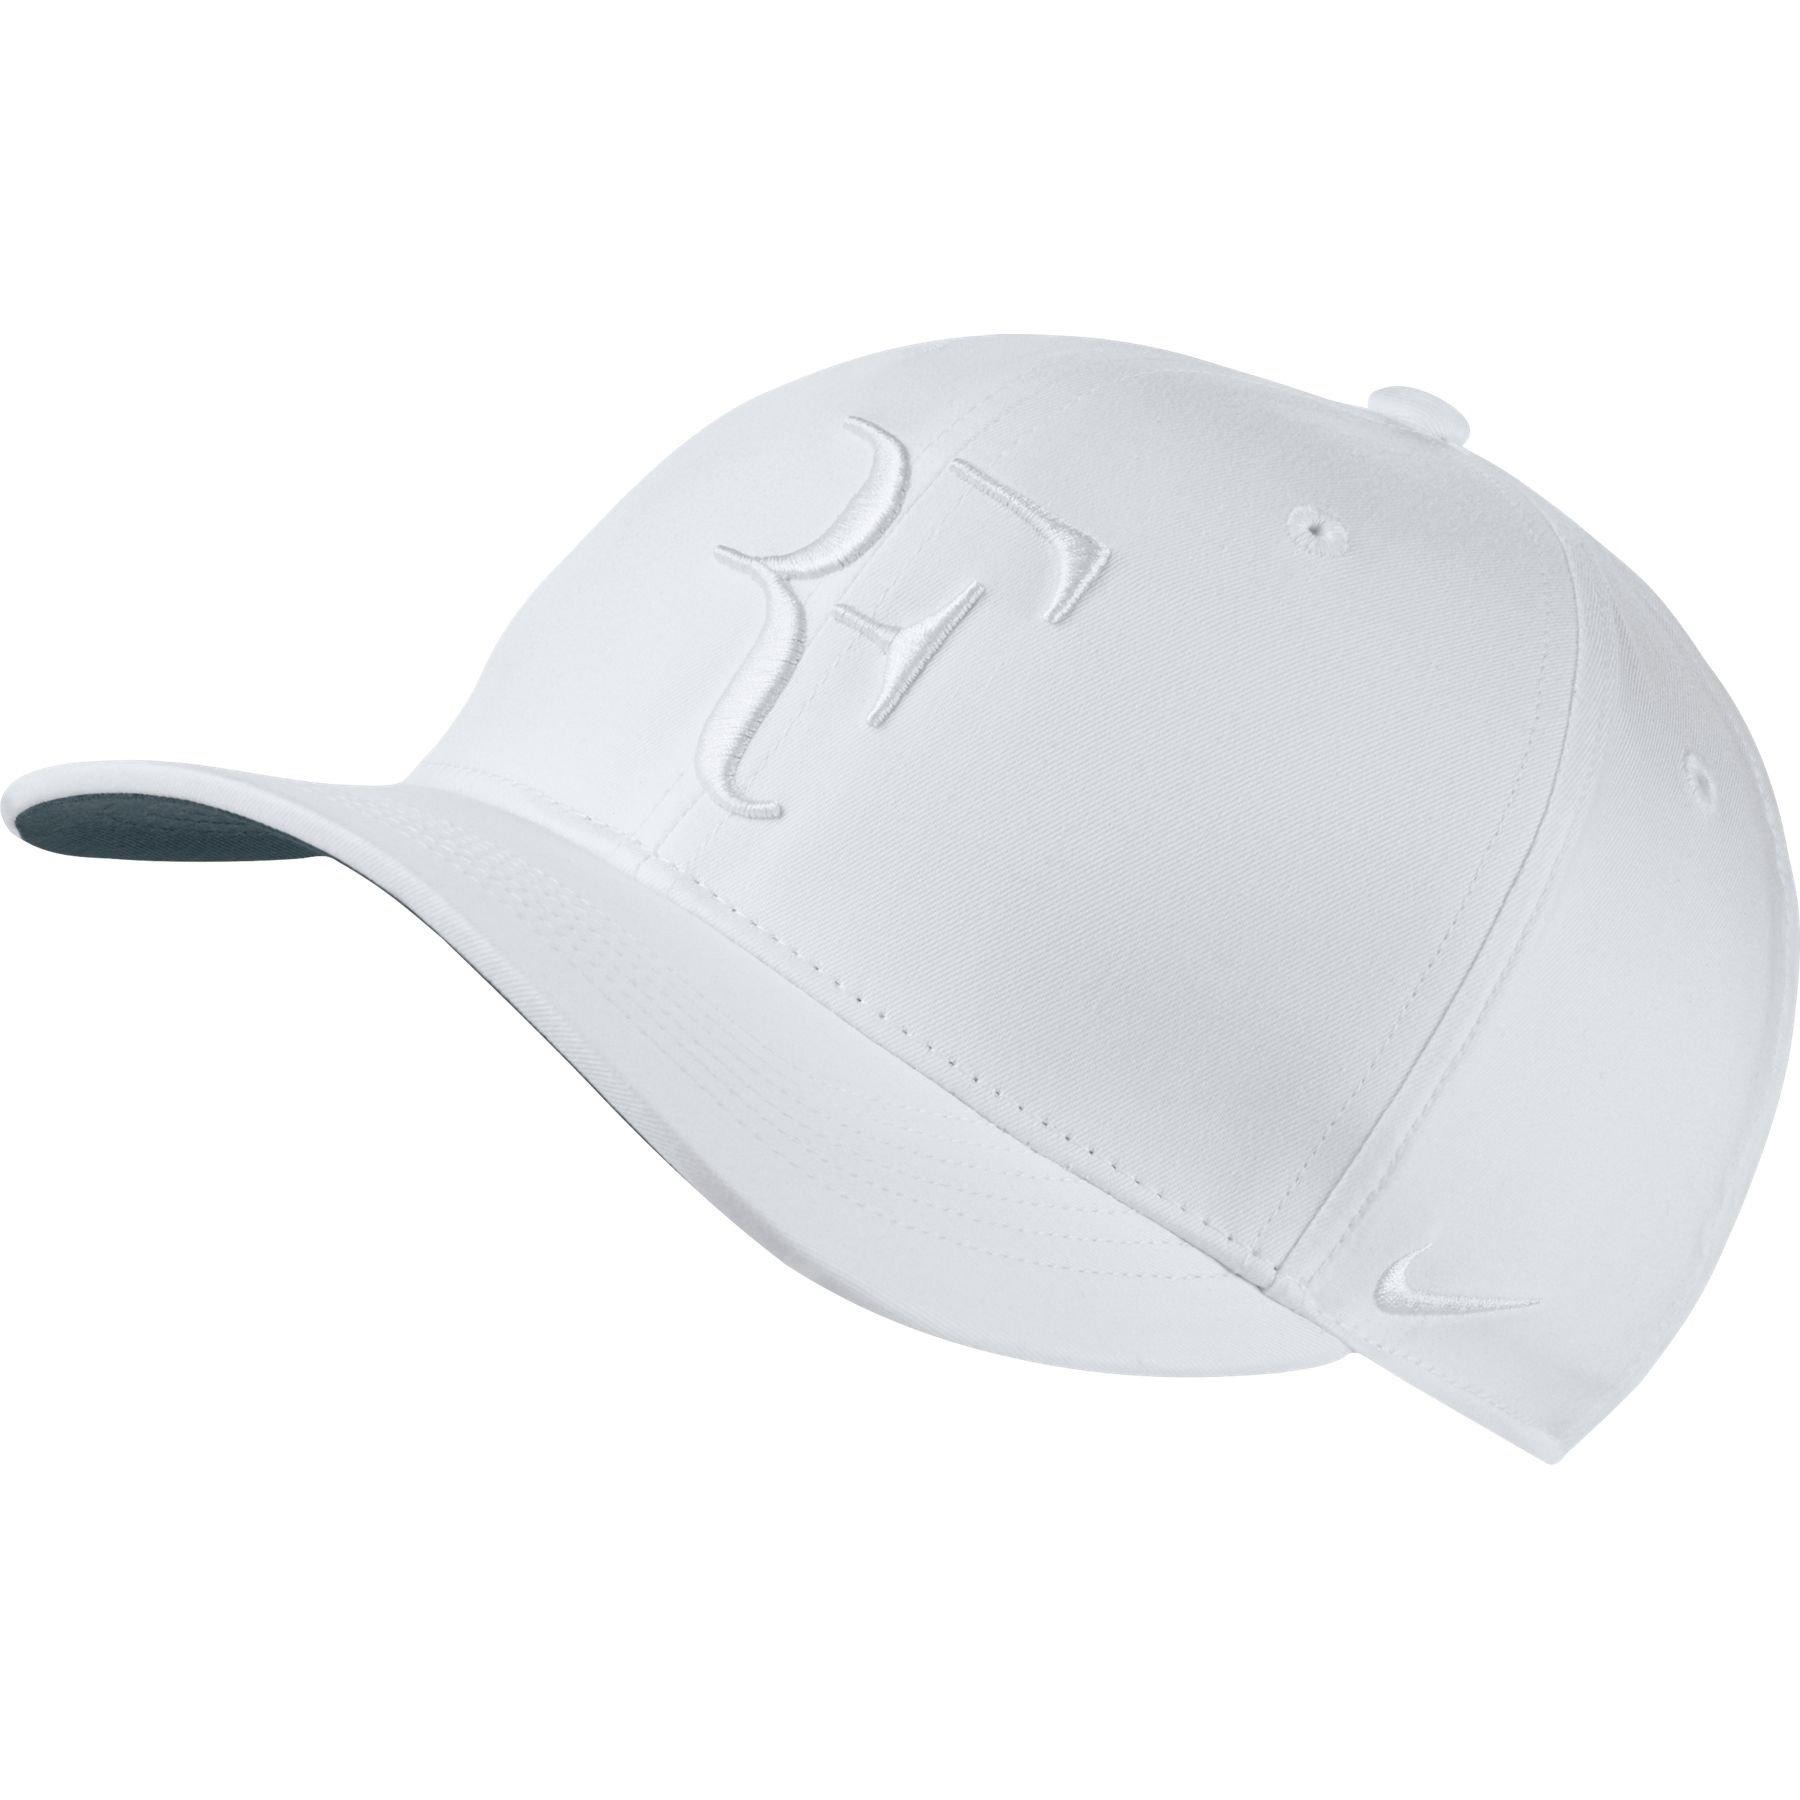 NIKE Mens Roger Federer RF Classic 99 Aerobill Tennis Hat White White d6d398c2f15